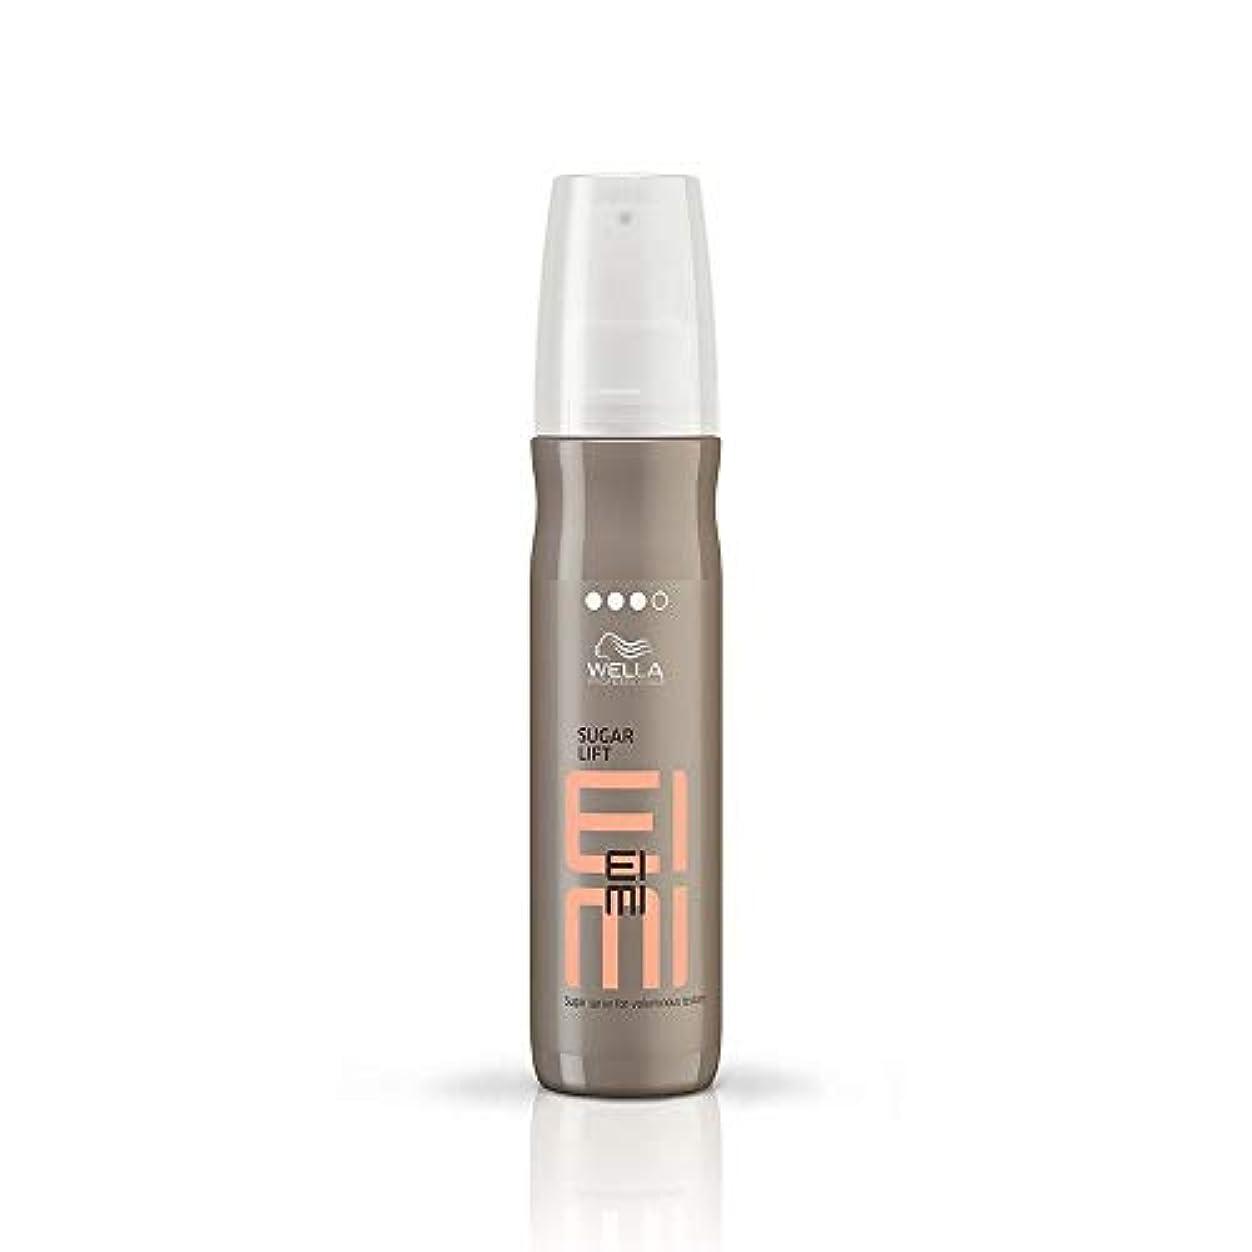 ソーセージホールド昨日ウエラ シュガー リフト スプレー Wella EIMI Sugar Lift Sugar Spray for Voluminous Texture 150 ml [並行輸入品]